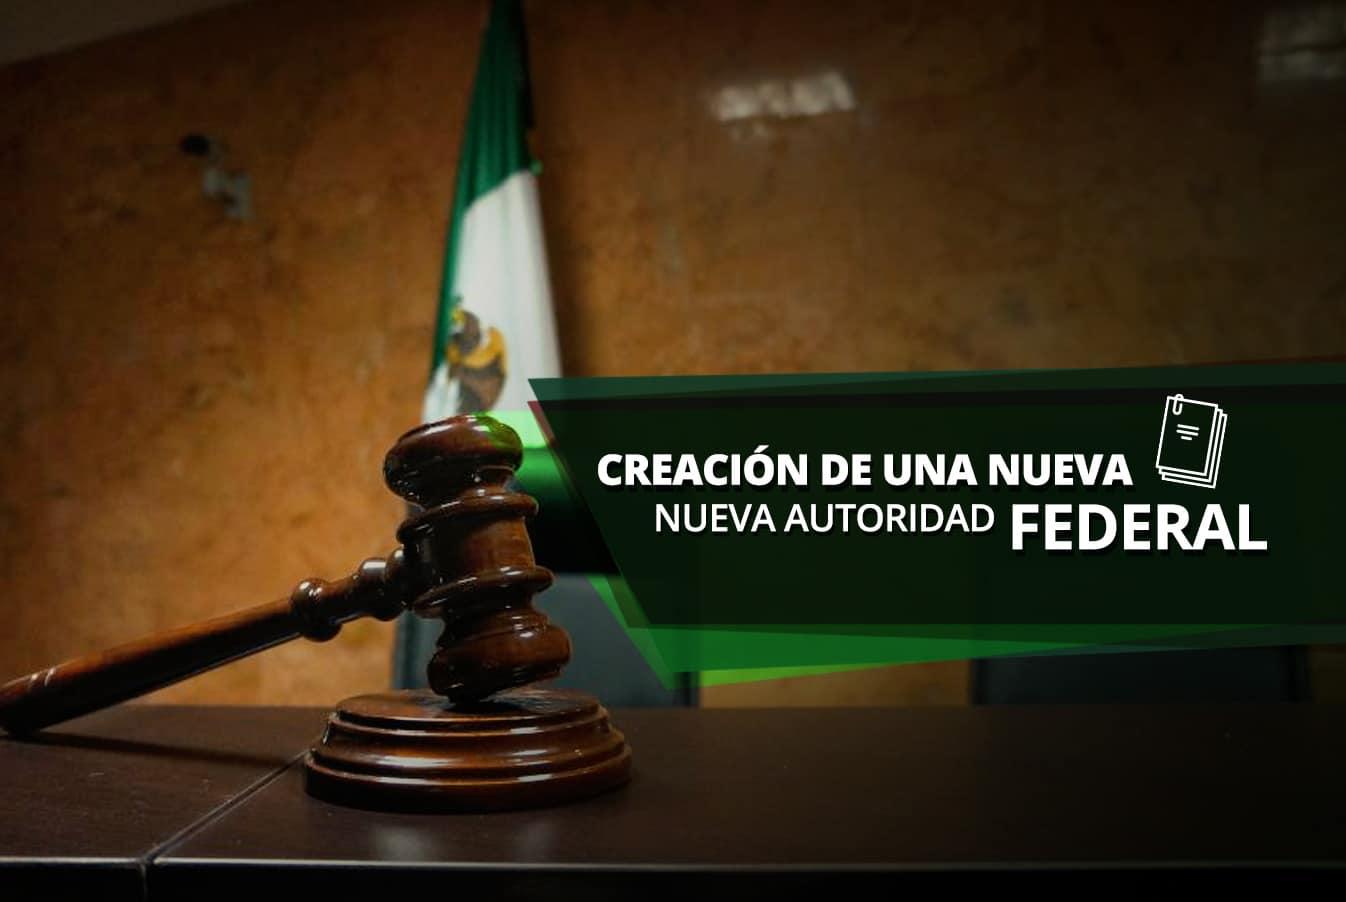 Creación nueva autoridad federal